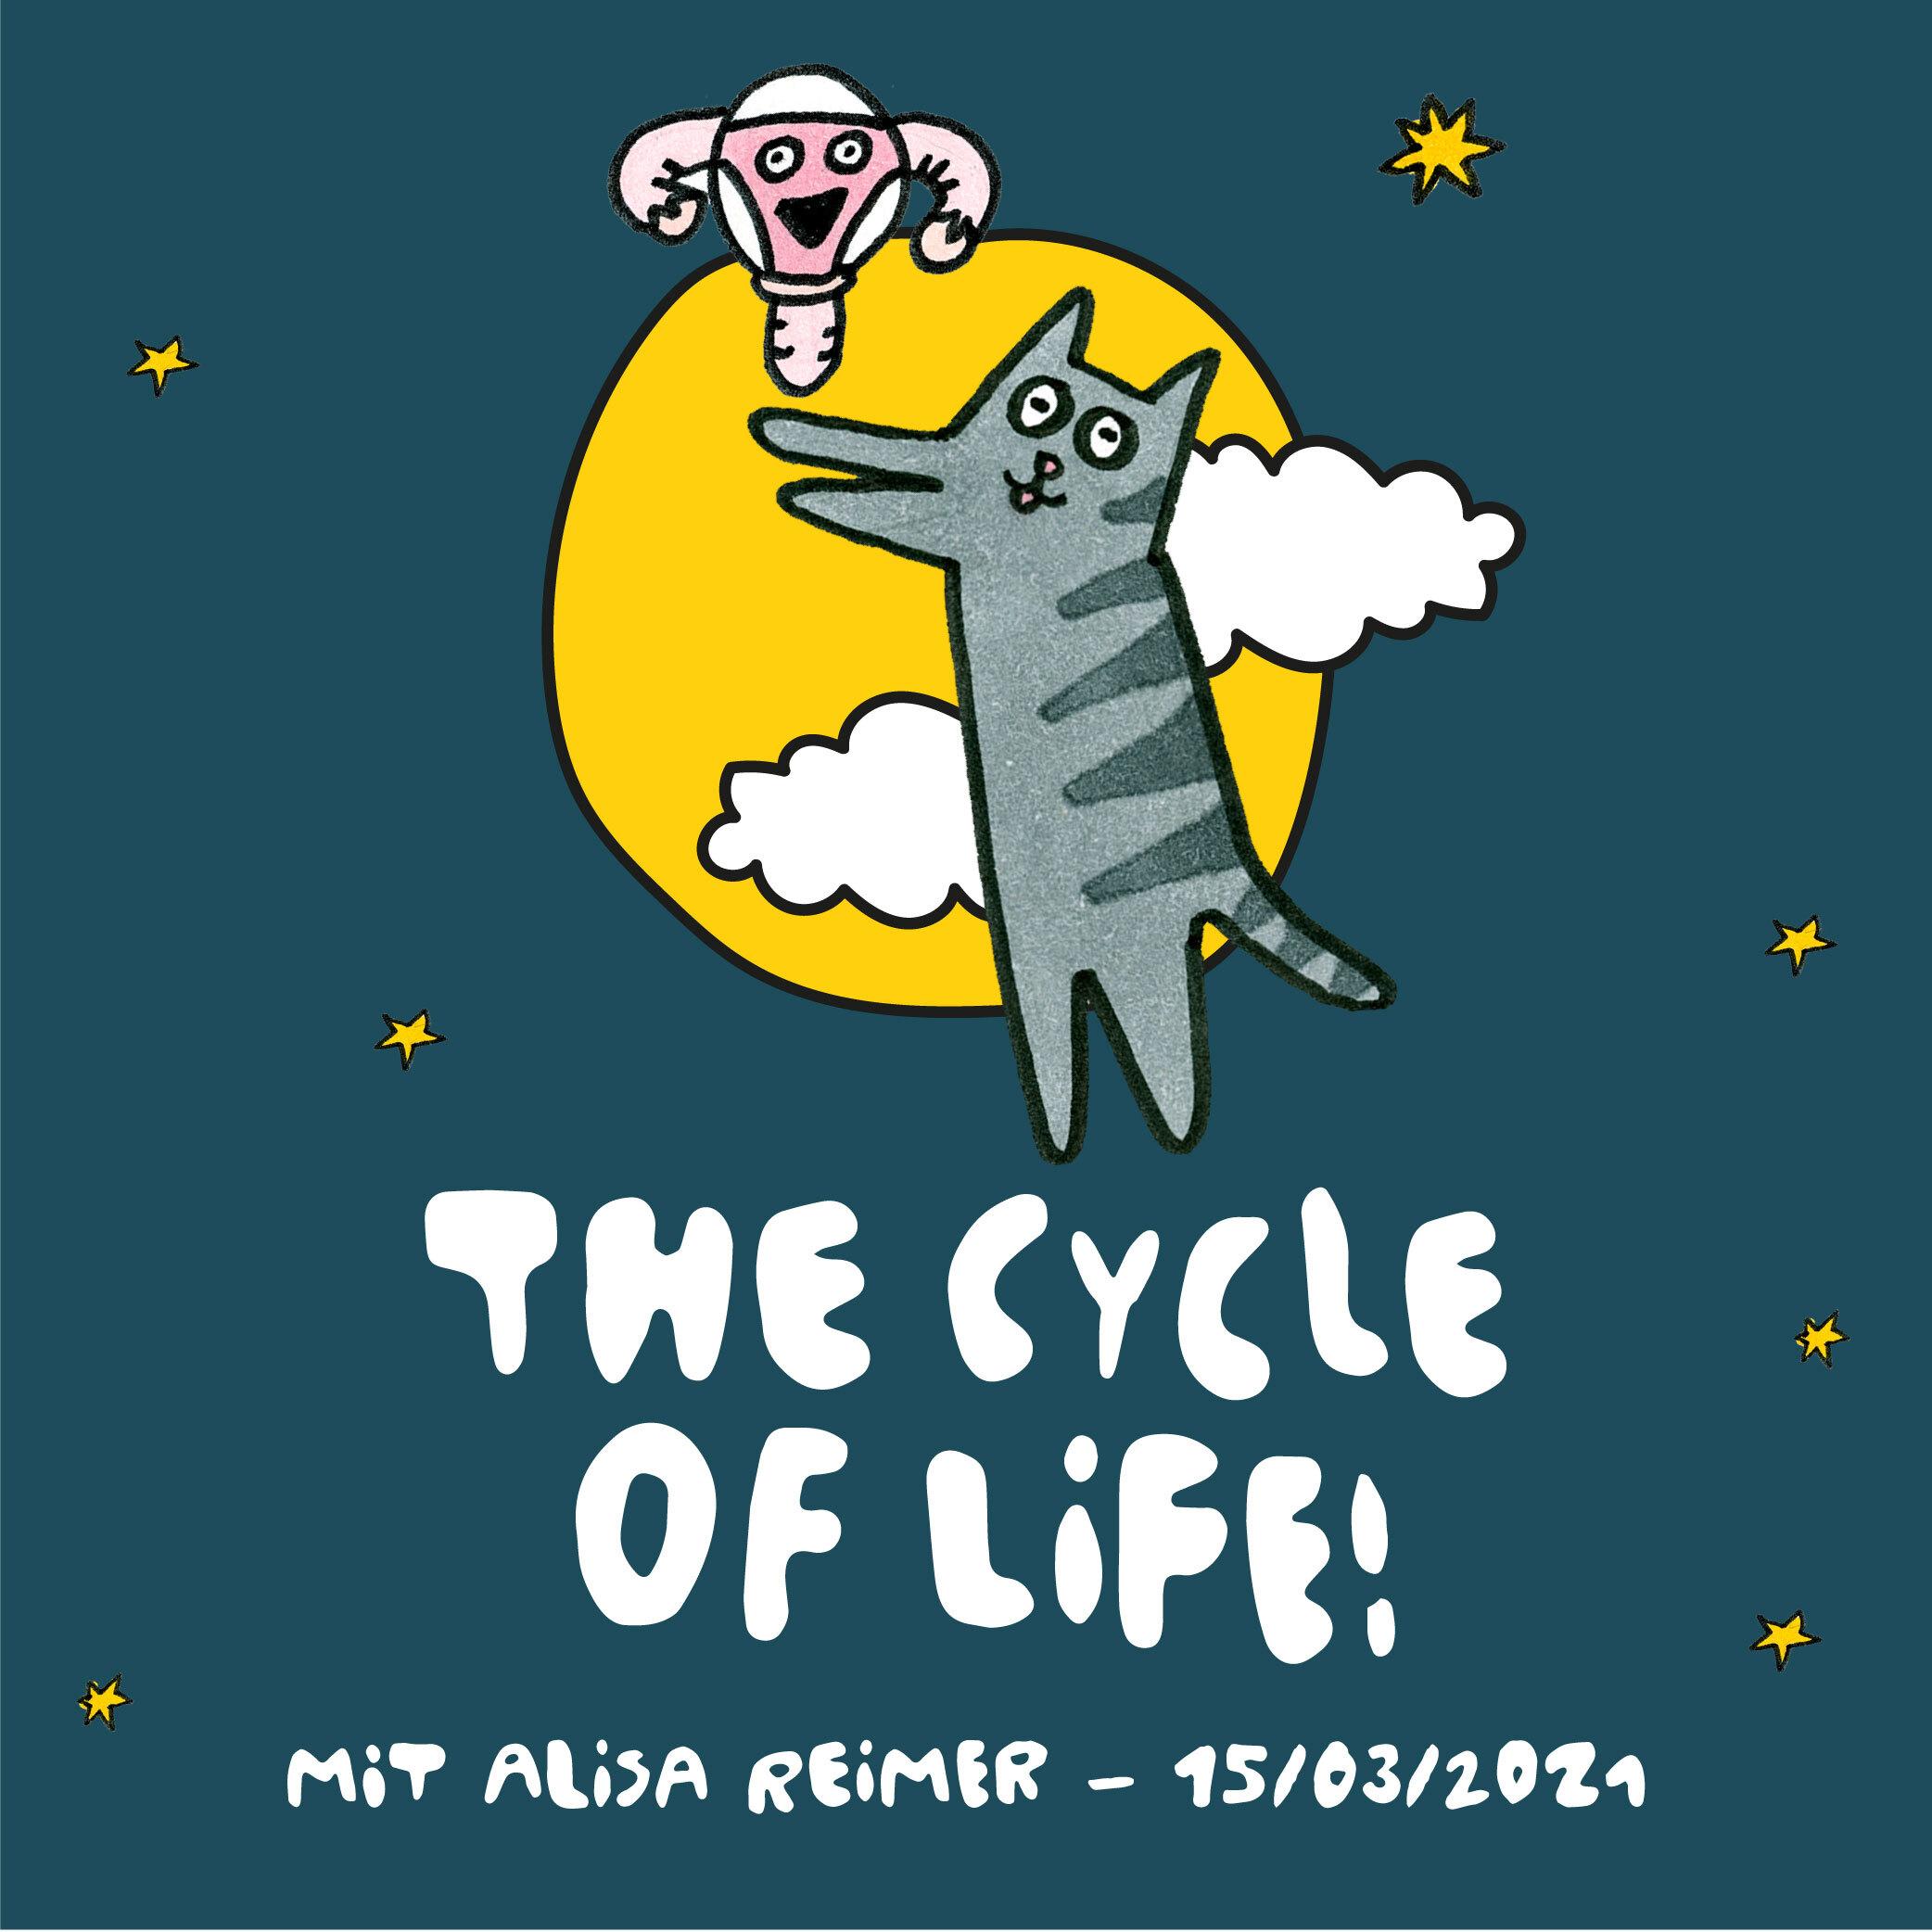 Illustrierte im Himmel fliegende Katze vor einem Mond neben einem Uterus einhorn Event The cycle of life